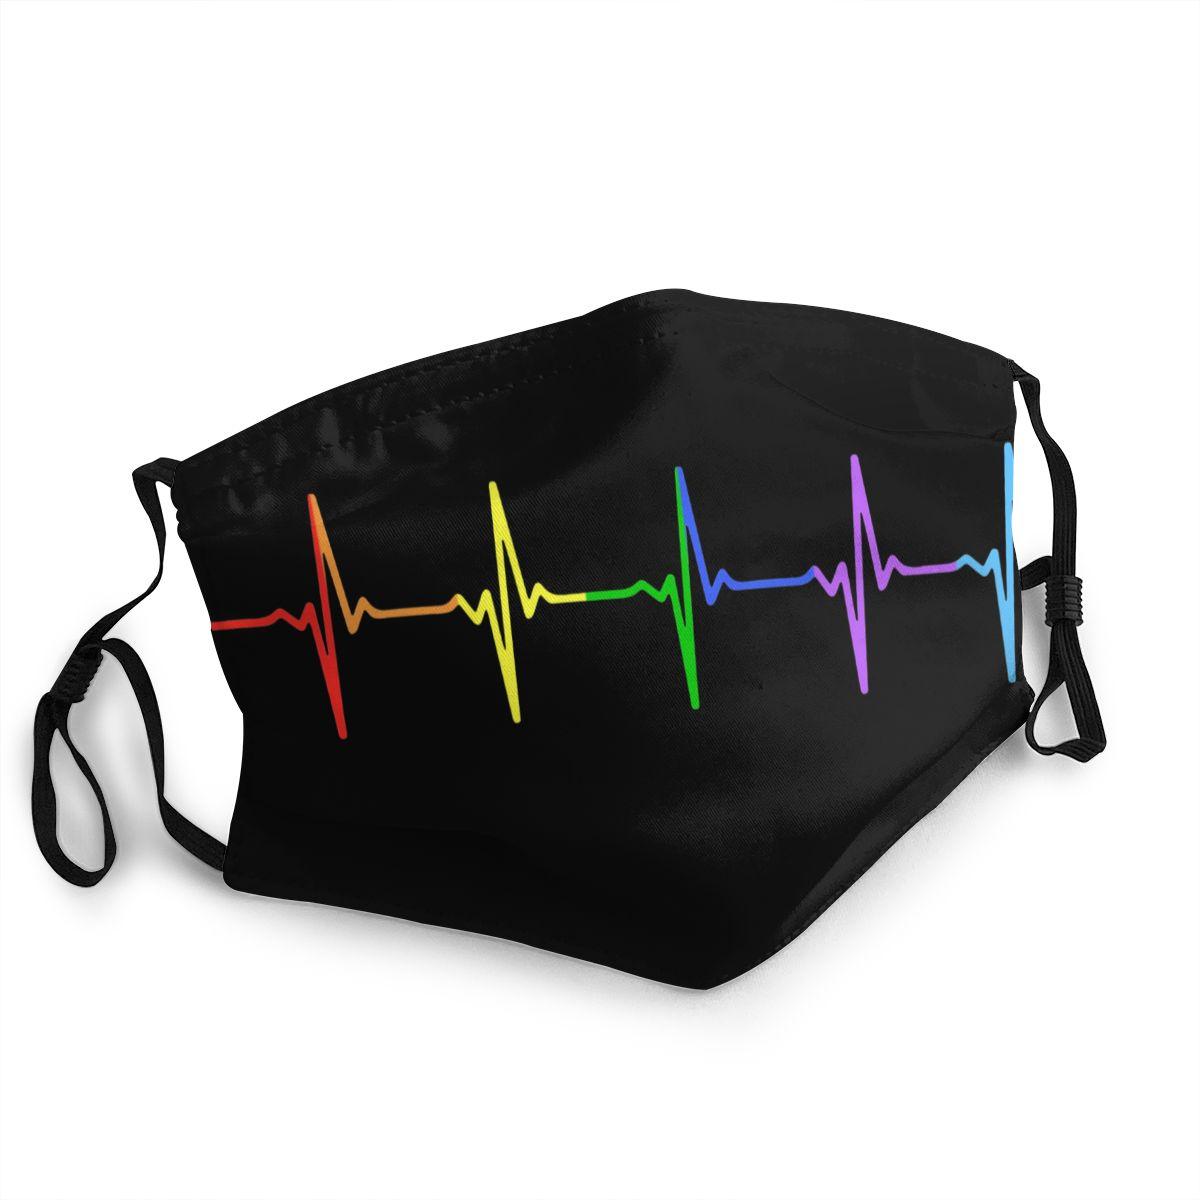 Многоразовая маска для лица ЛГБТ Rainbow Pulse Hearbeat, маска для гомосексуалистов, против смога, пылезащитный респиратор, маска для рта